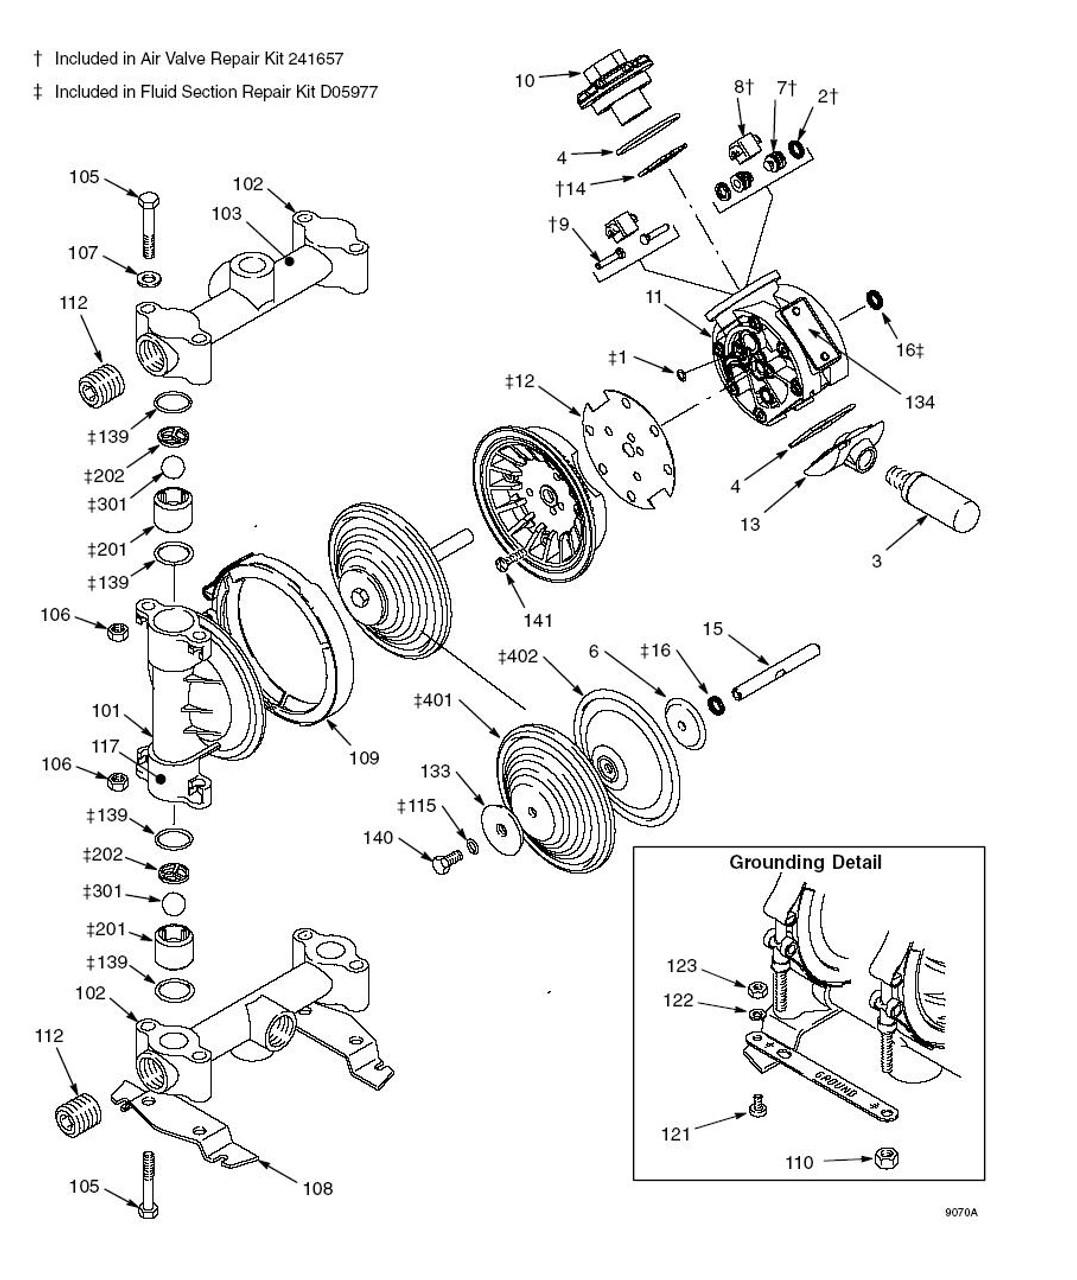 Air Motor Rebuild Kit for Graco Husky 515 & 716 Diaphragm